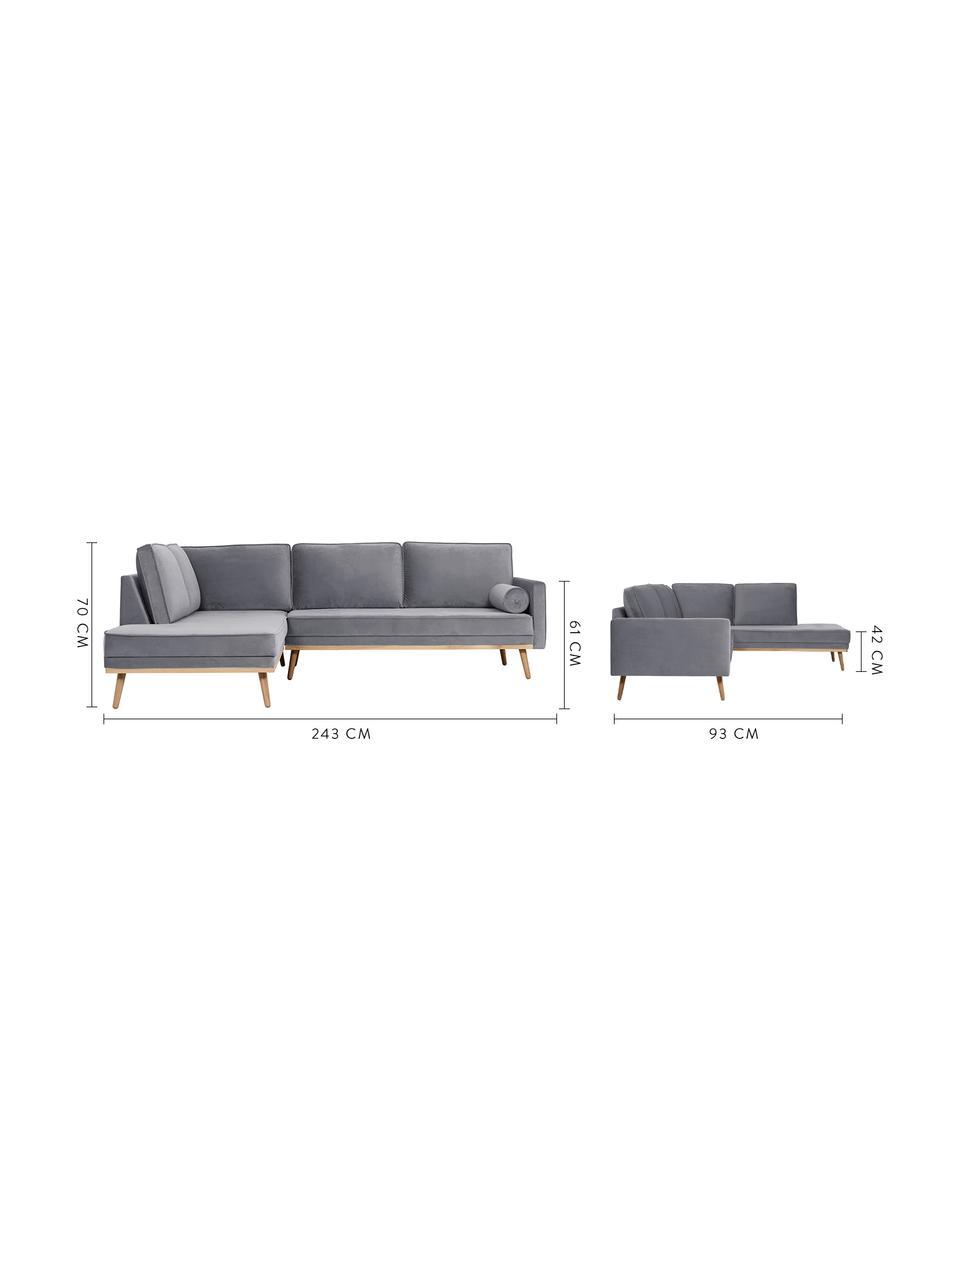 Samt-Ecksofa Saint (3-Sitzer) in Grau mit Eichenholz-Füßen, Bezug: Samt (Polyester) Der hoch, Gestell: Massives Eichenholz, Span, Samt Grau, B 243 x T 220 cm